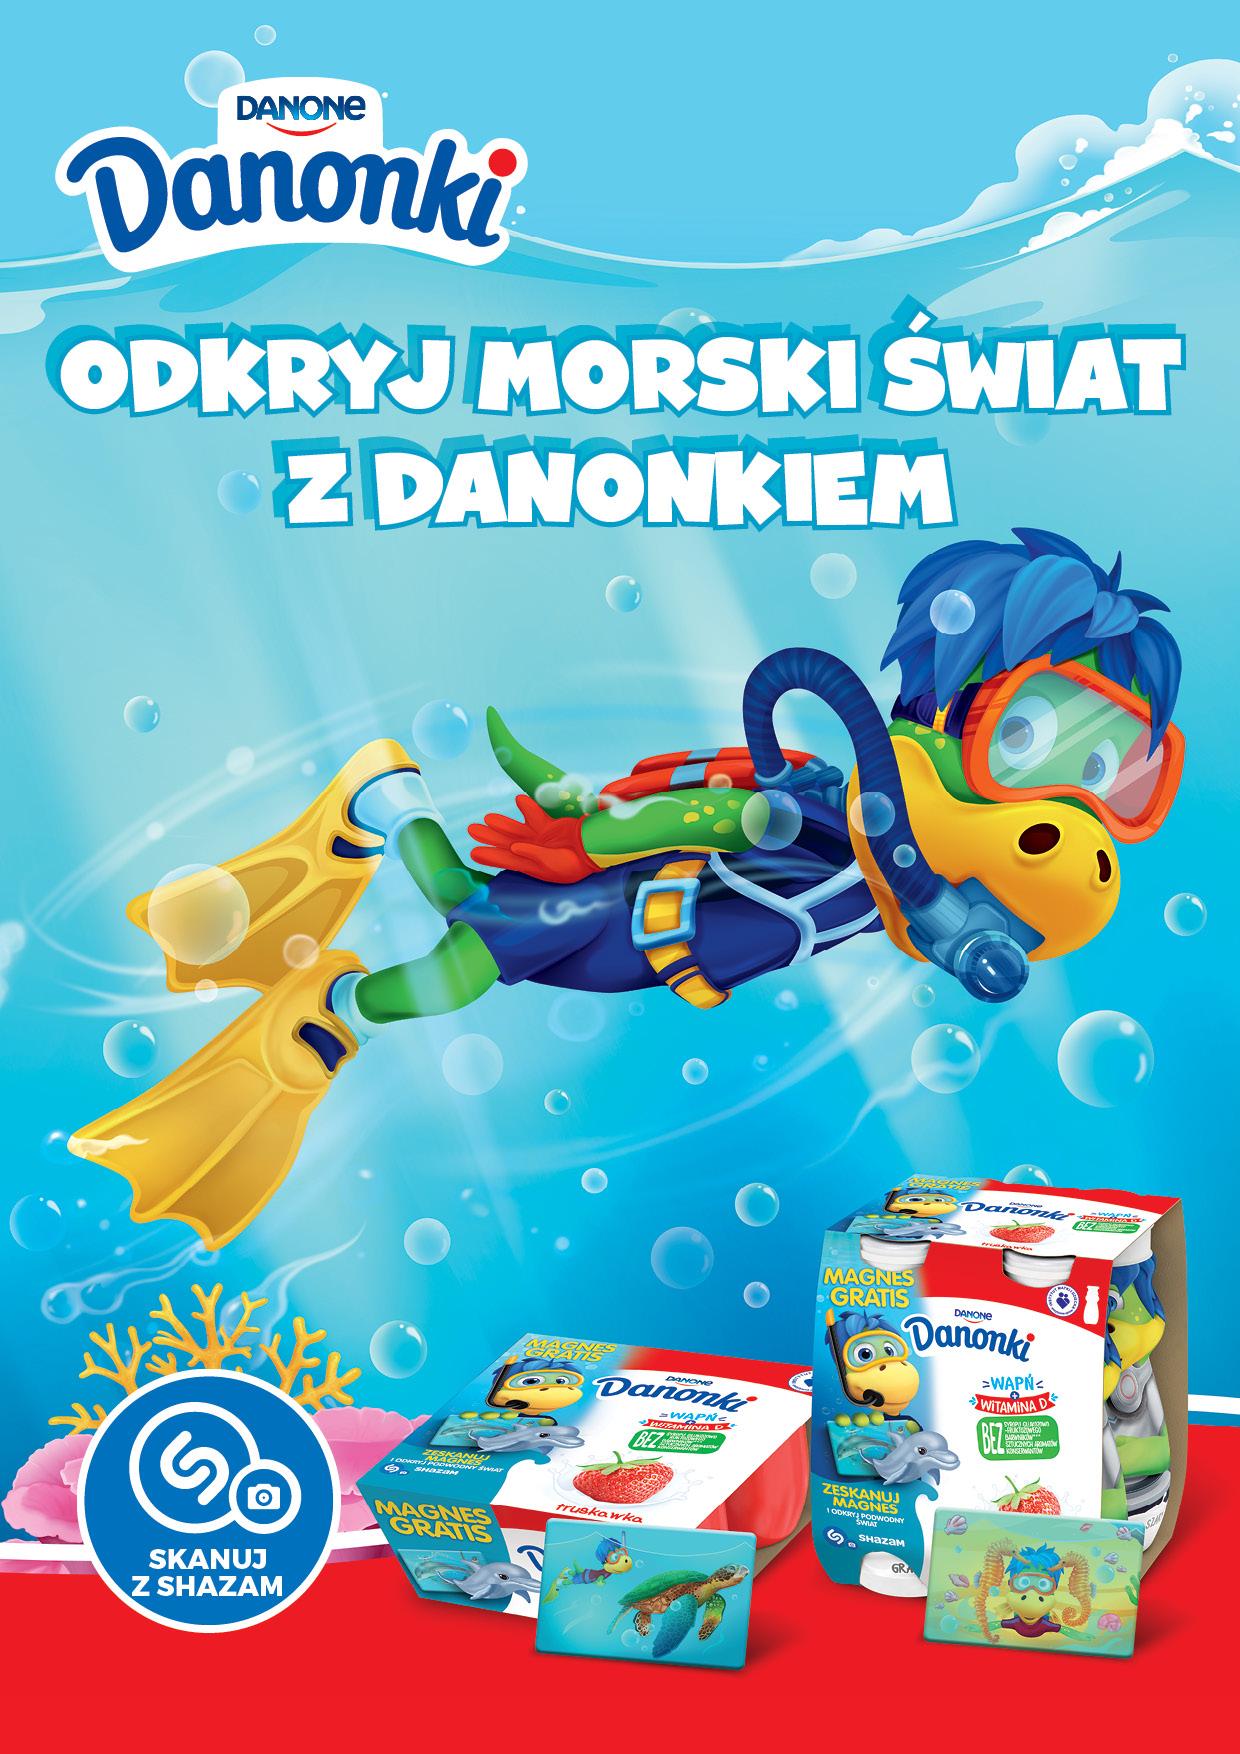 Odkrywaj morski świat z Danonkiem